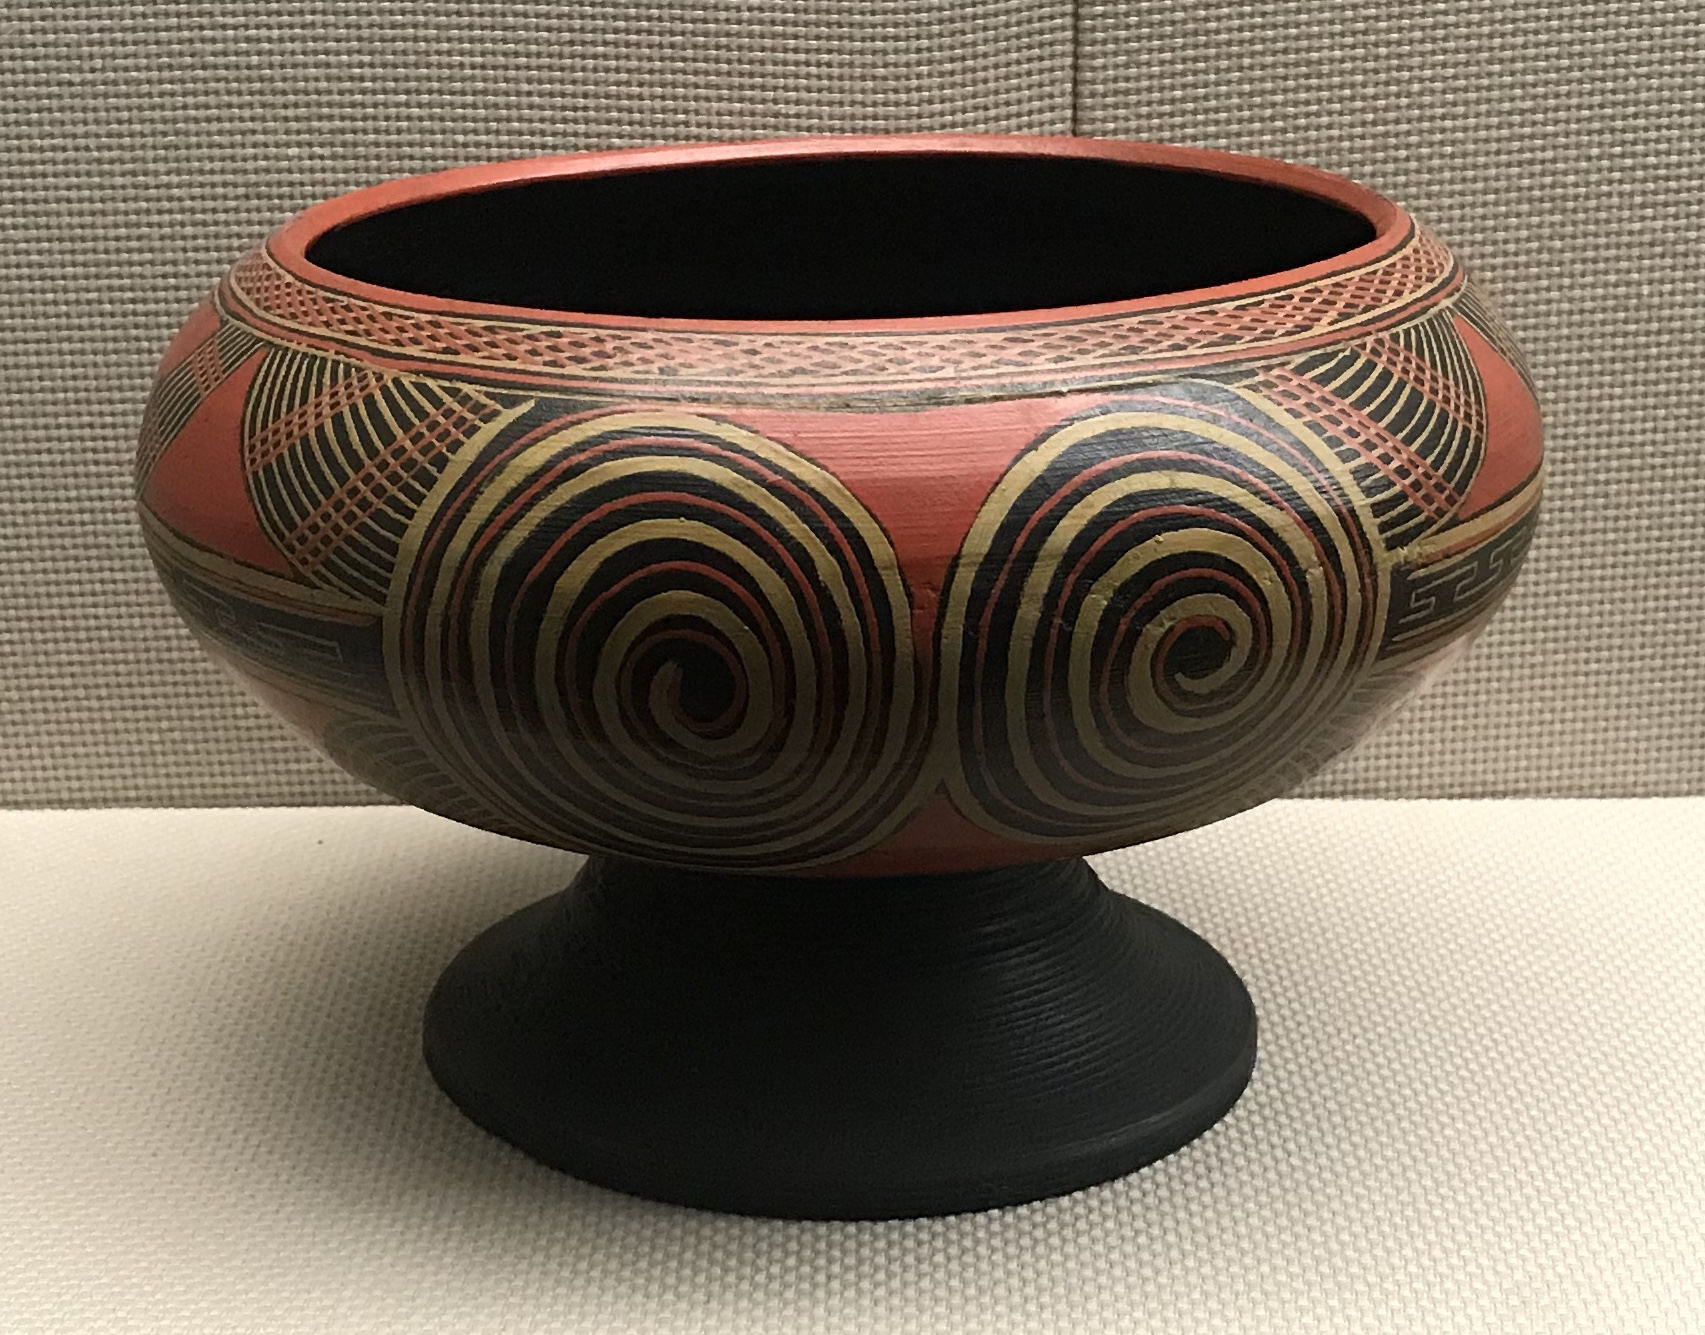 彩絵漆木盔-彜族漆器-四川民族文物館-四川博物館-成都